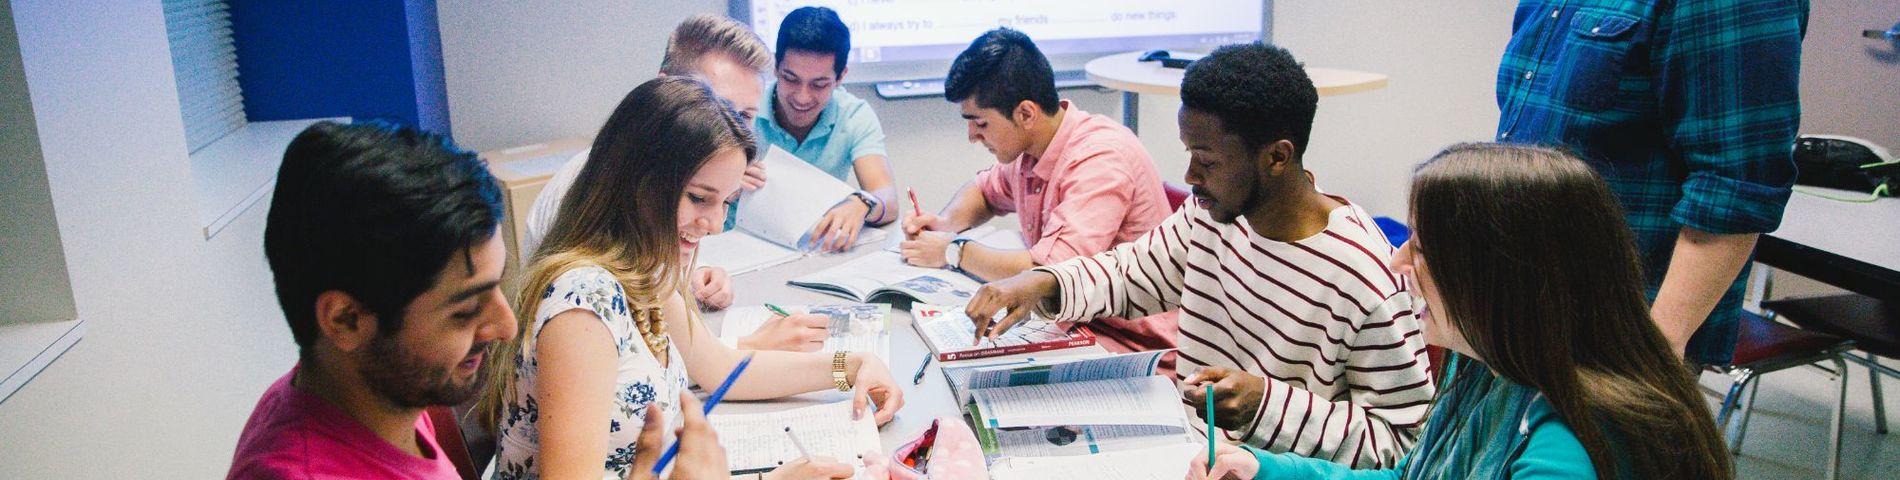 Kaplan International Languages picture 1